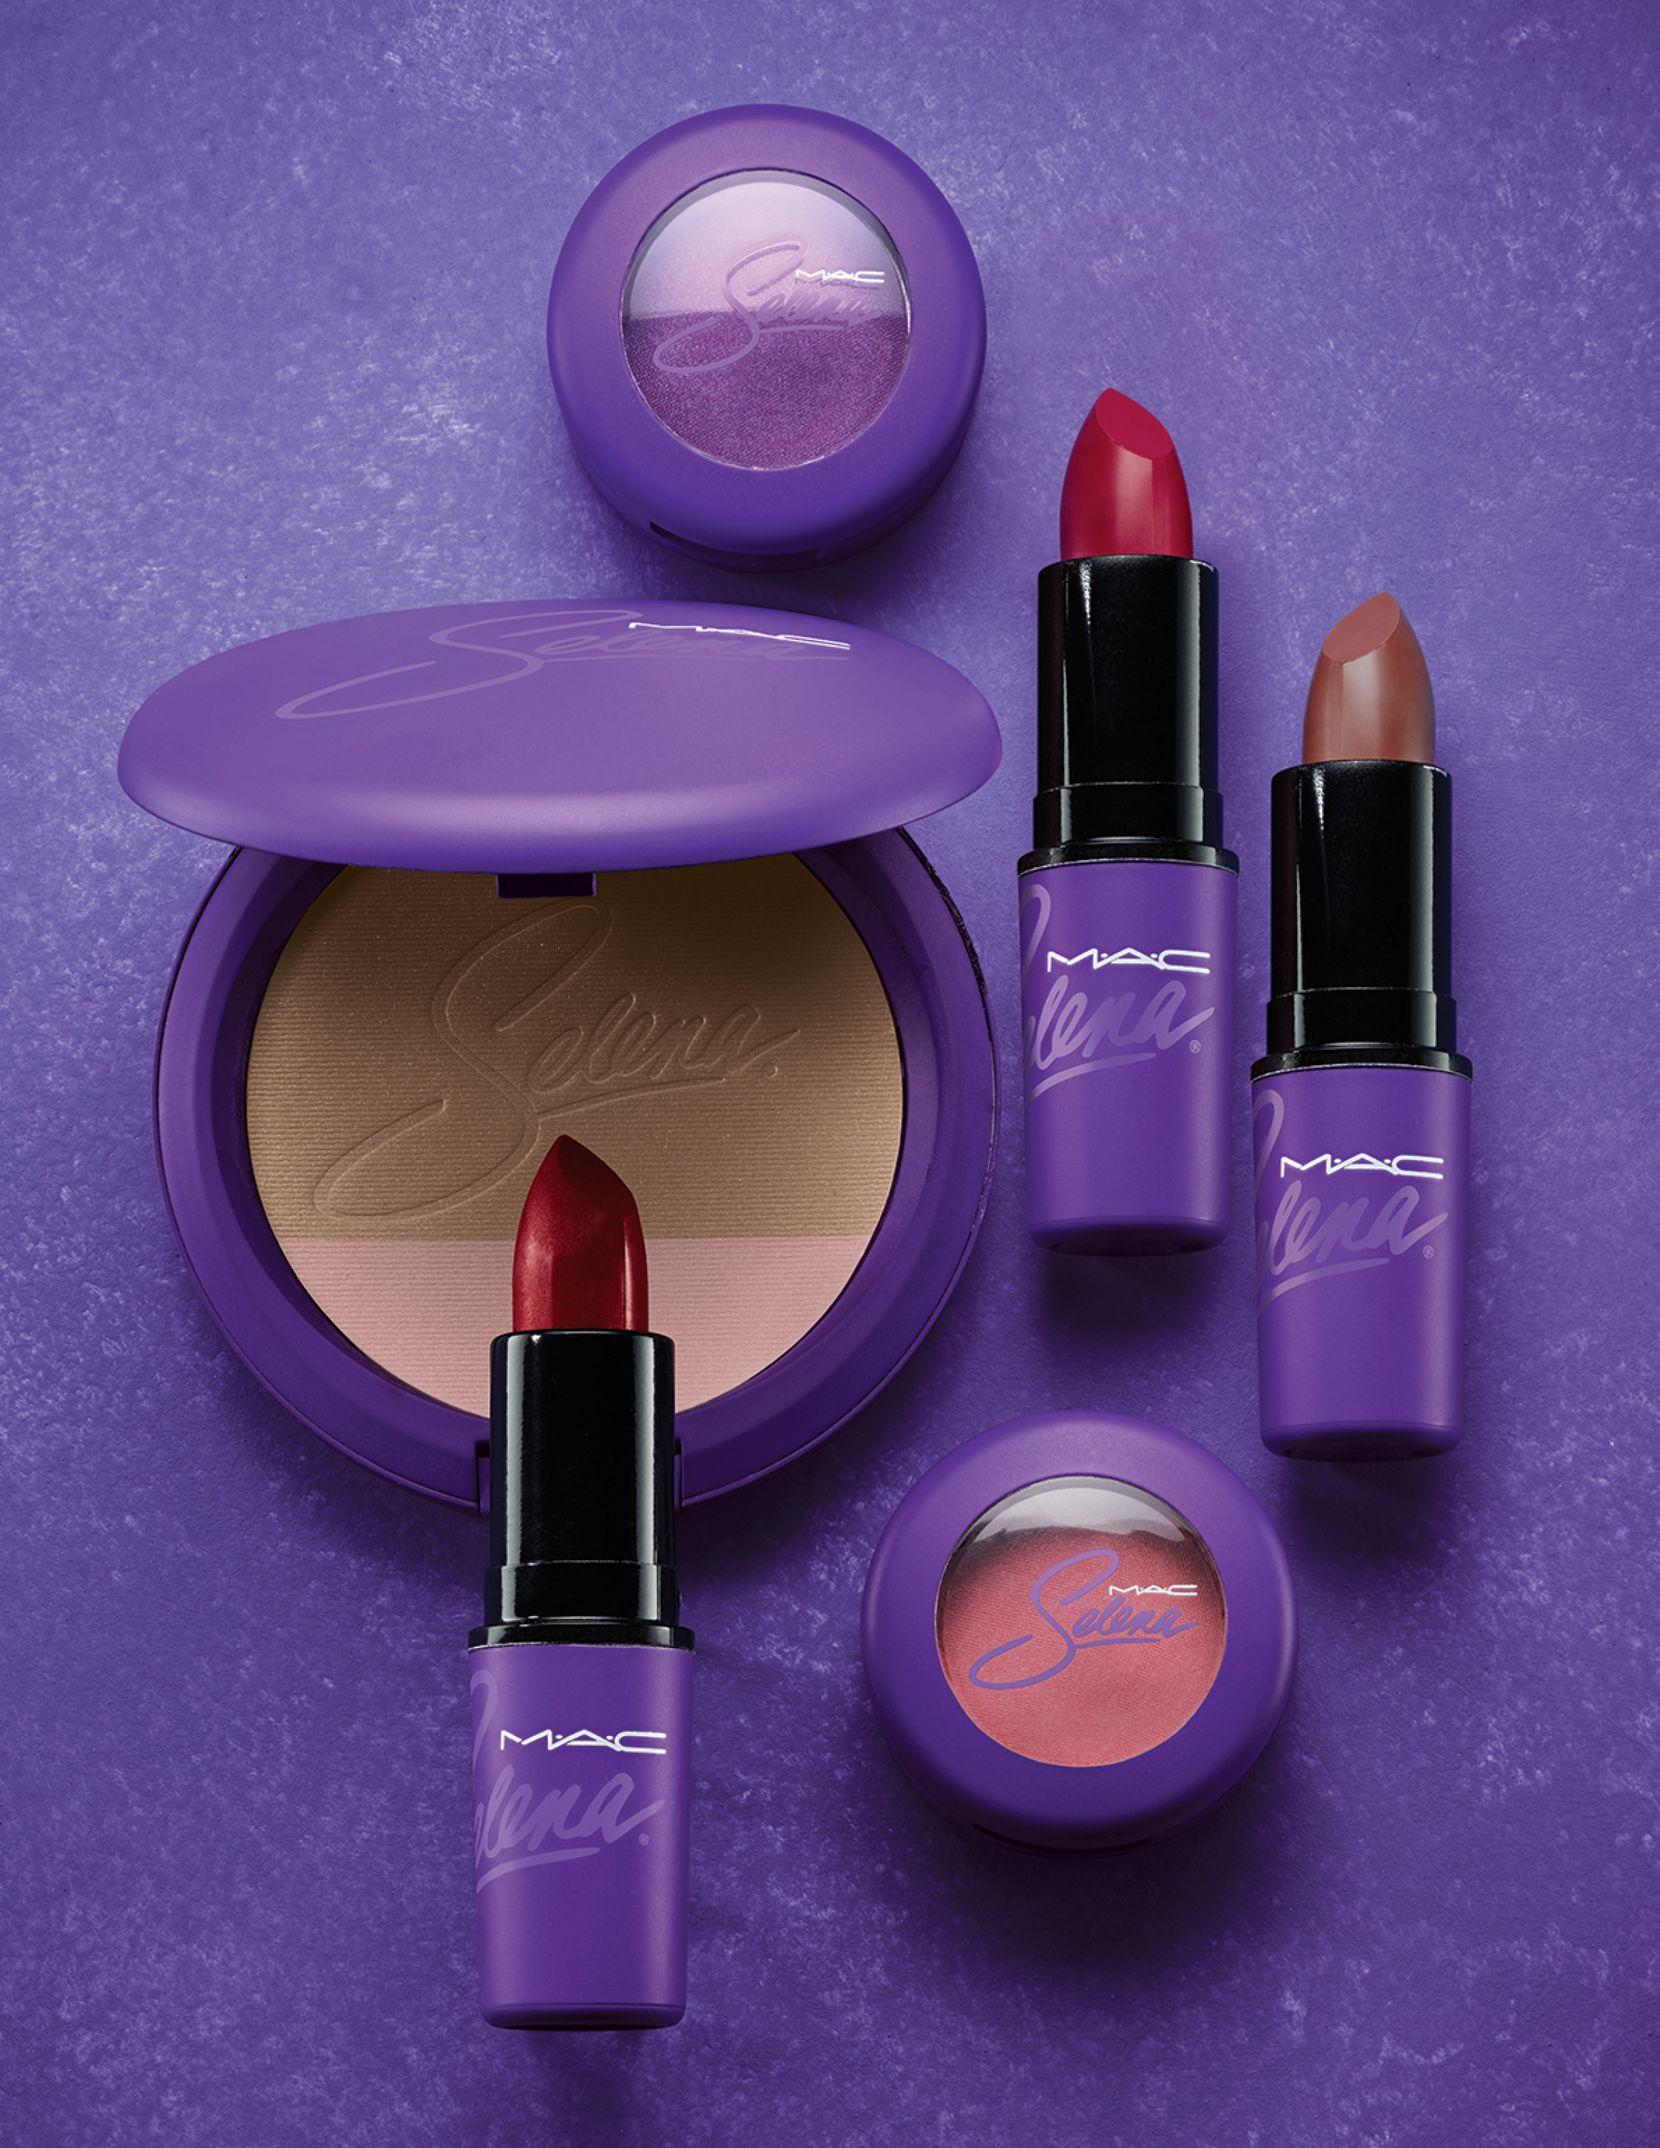 La colección MAC Selena estará disponible por internet el 1 de octubre y en tiendes MAC el 6 de octubre.